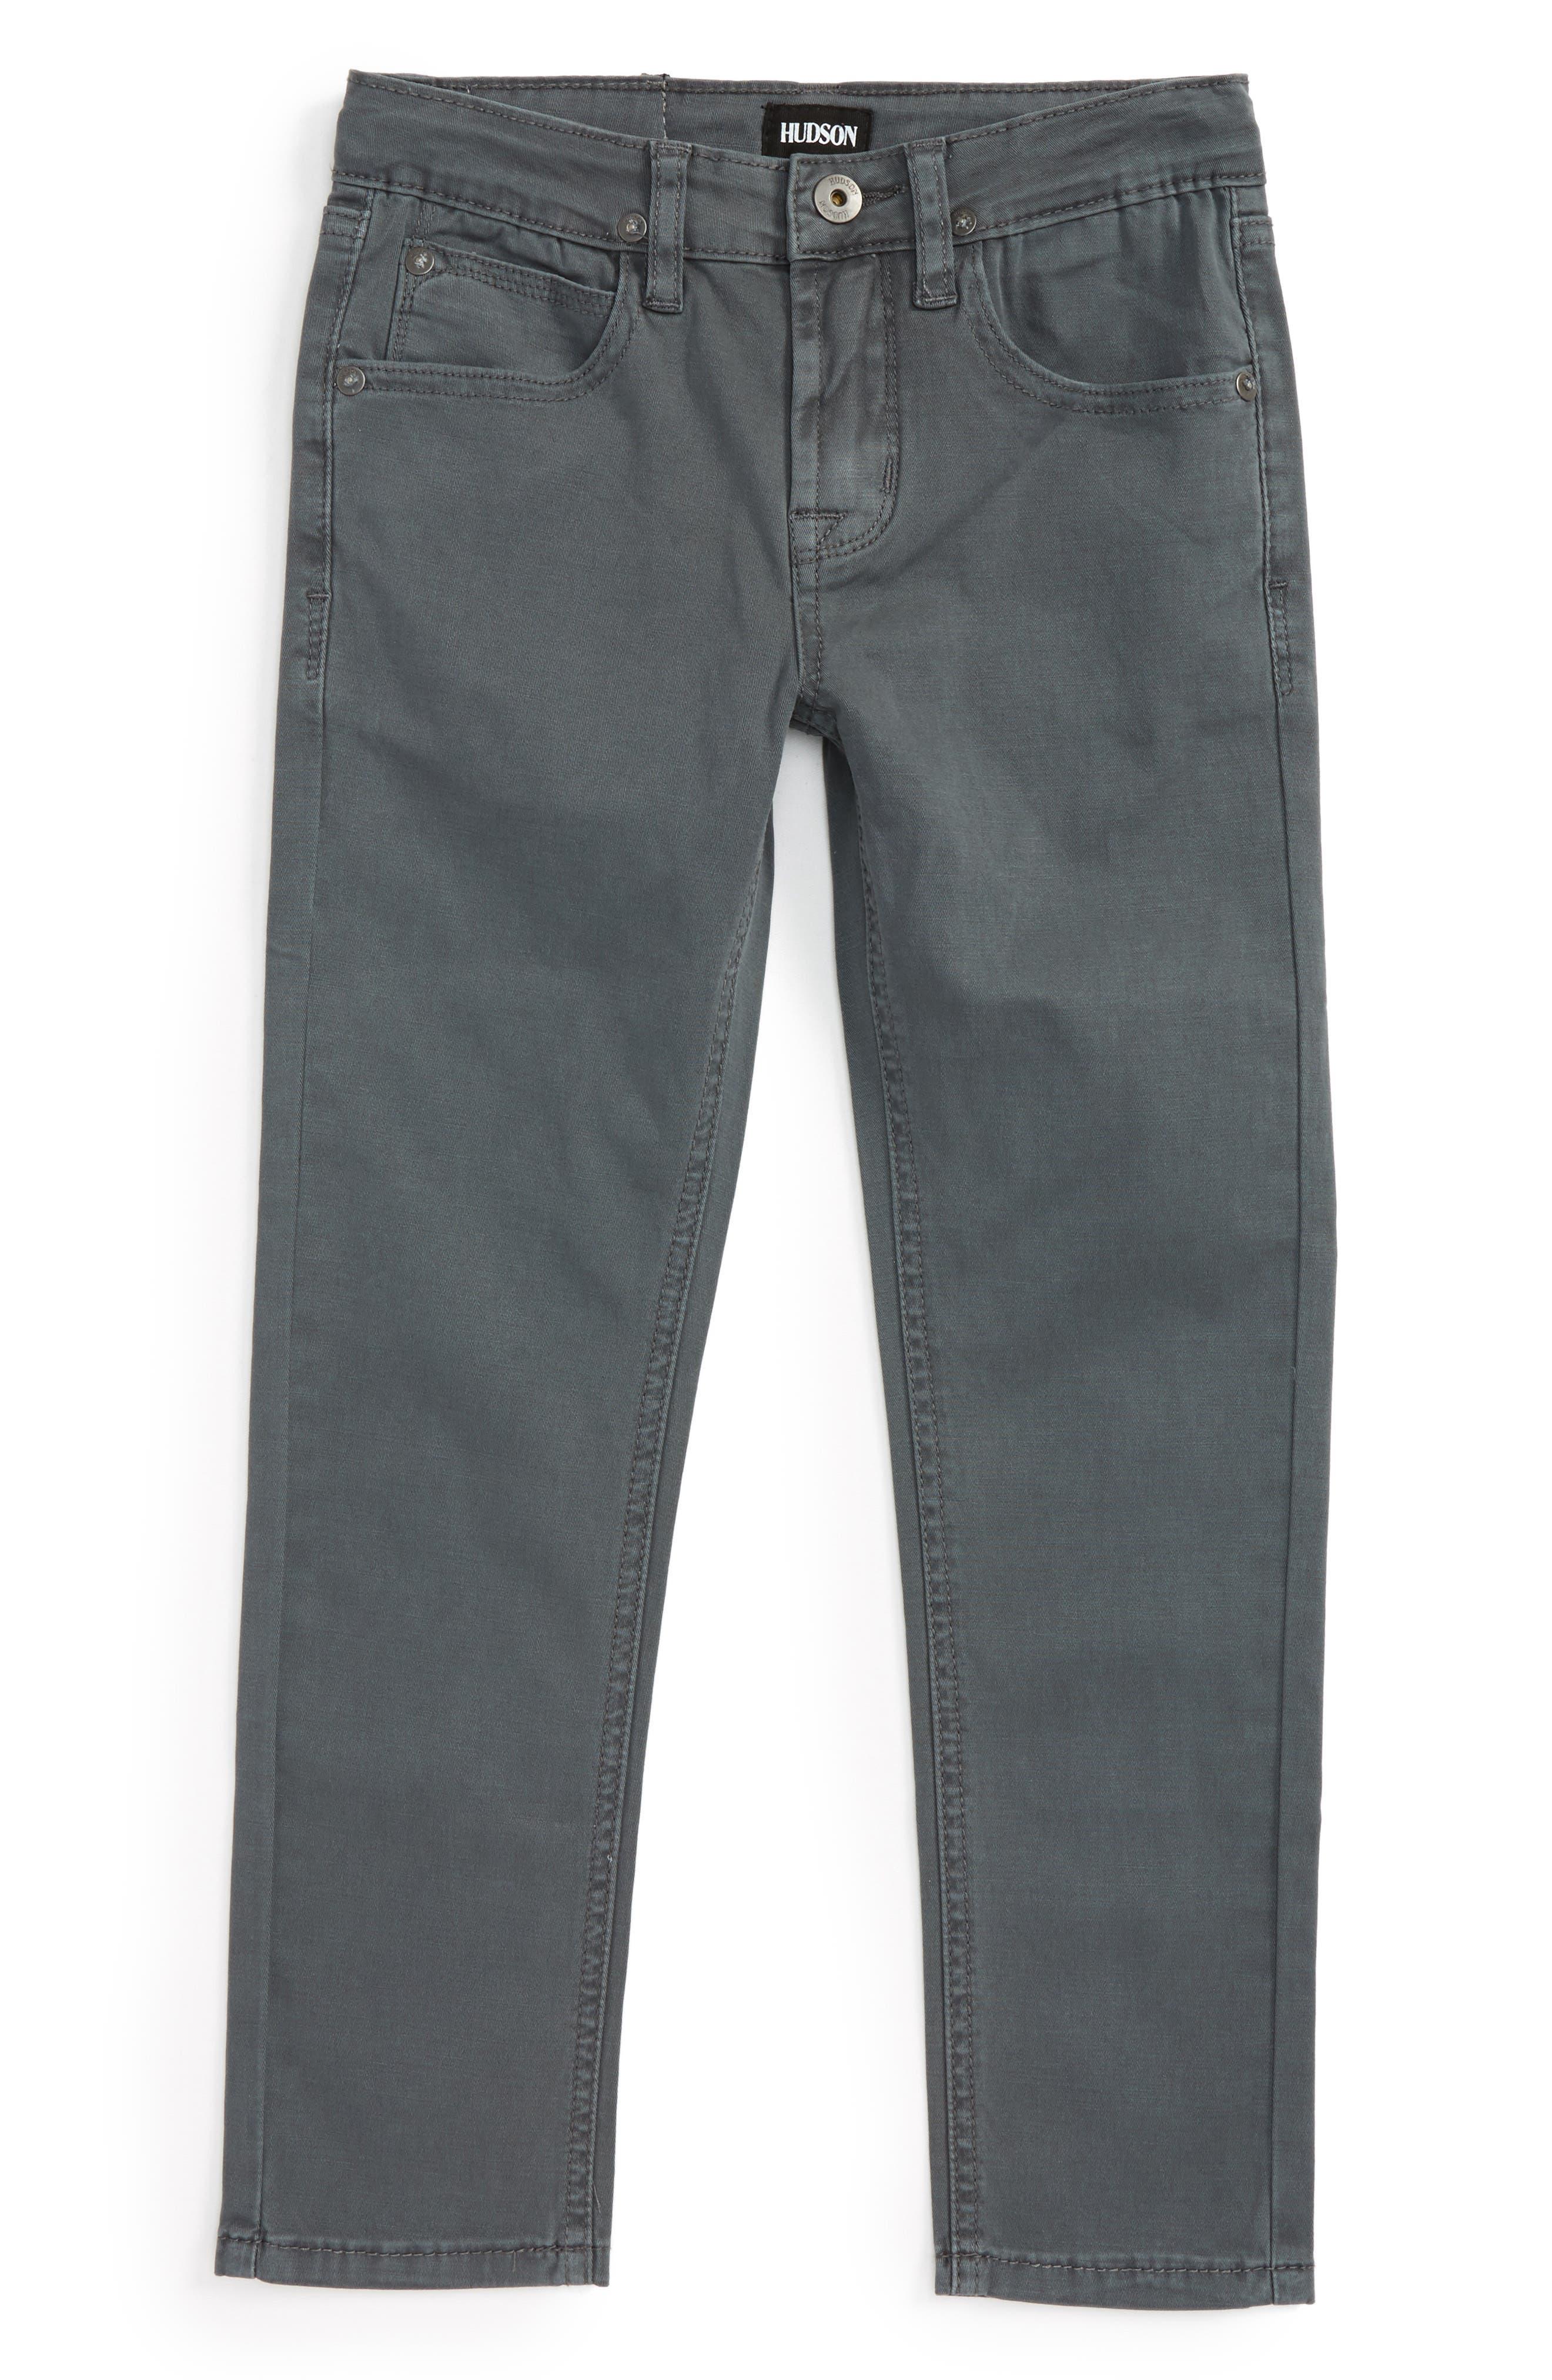 Hudson Jeans Jagger Slim Fit Straight Leg Pants (Toddler Boys & Little Boys)